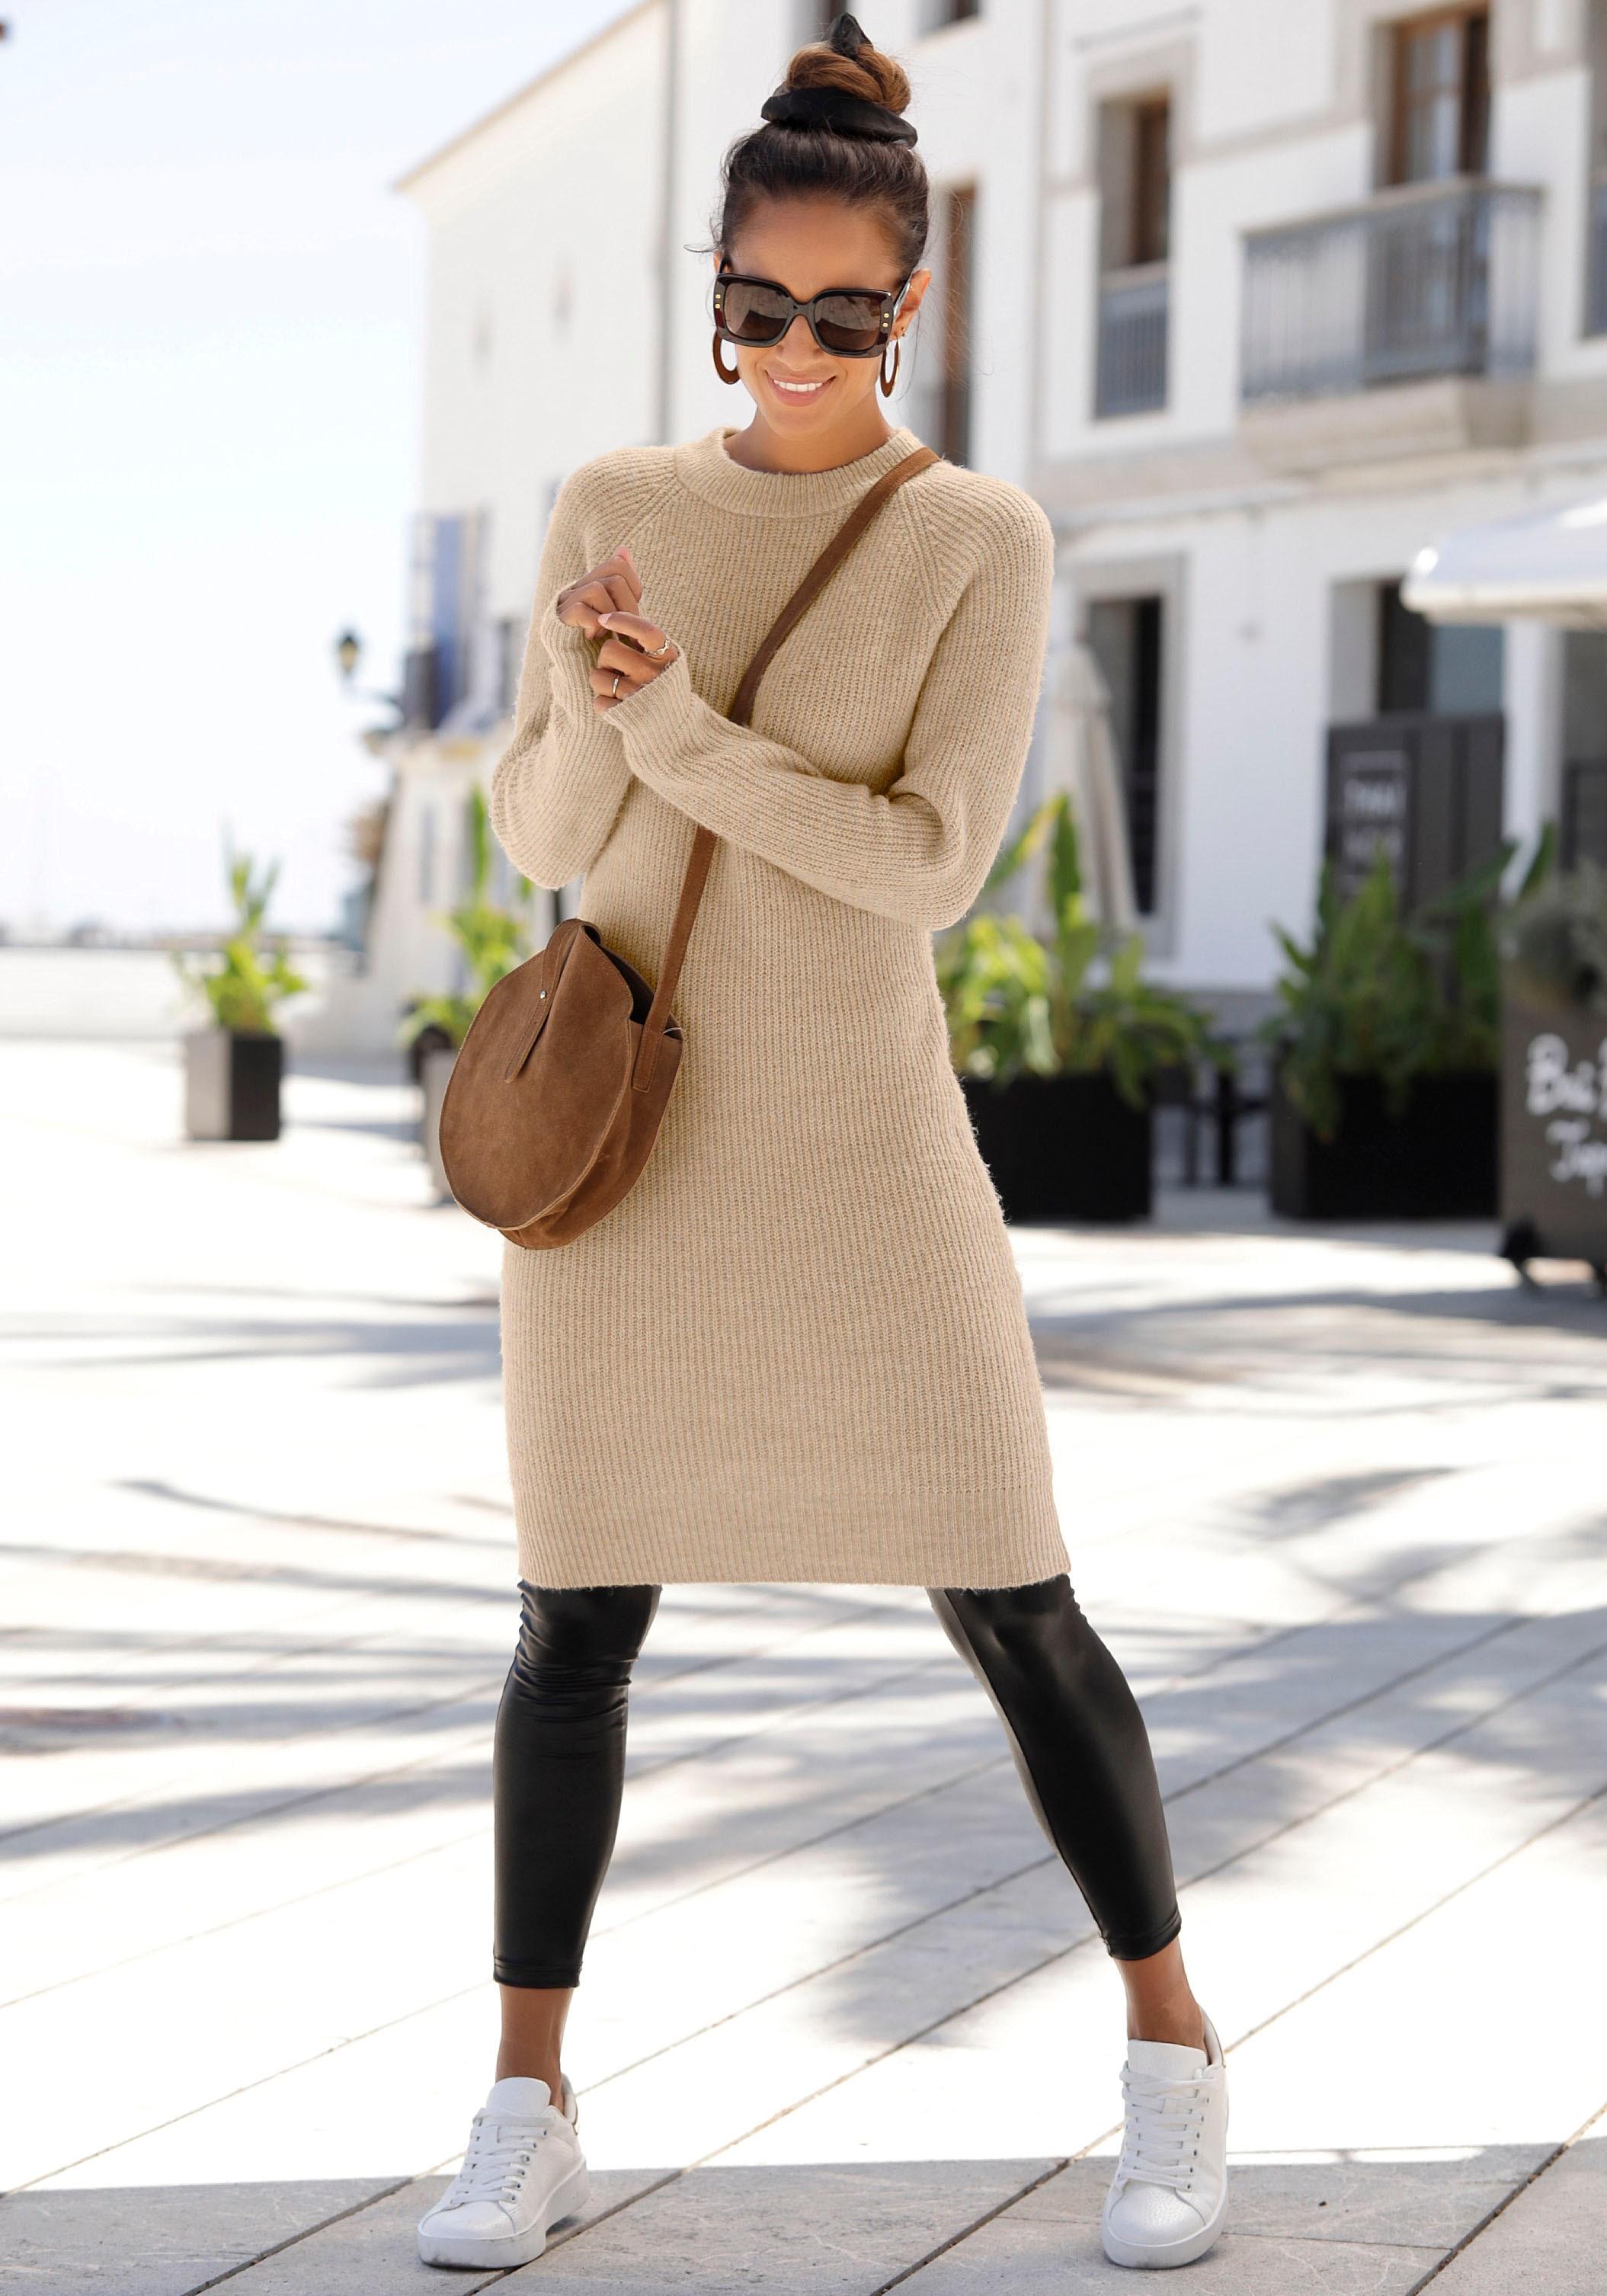 LASCANA Strickkleid, aus weichem Rippstrick beige Damen Strickkleider Kleider Strickkleid